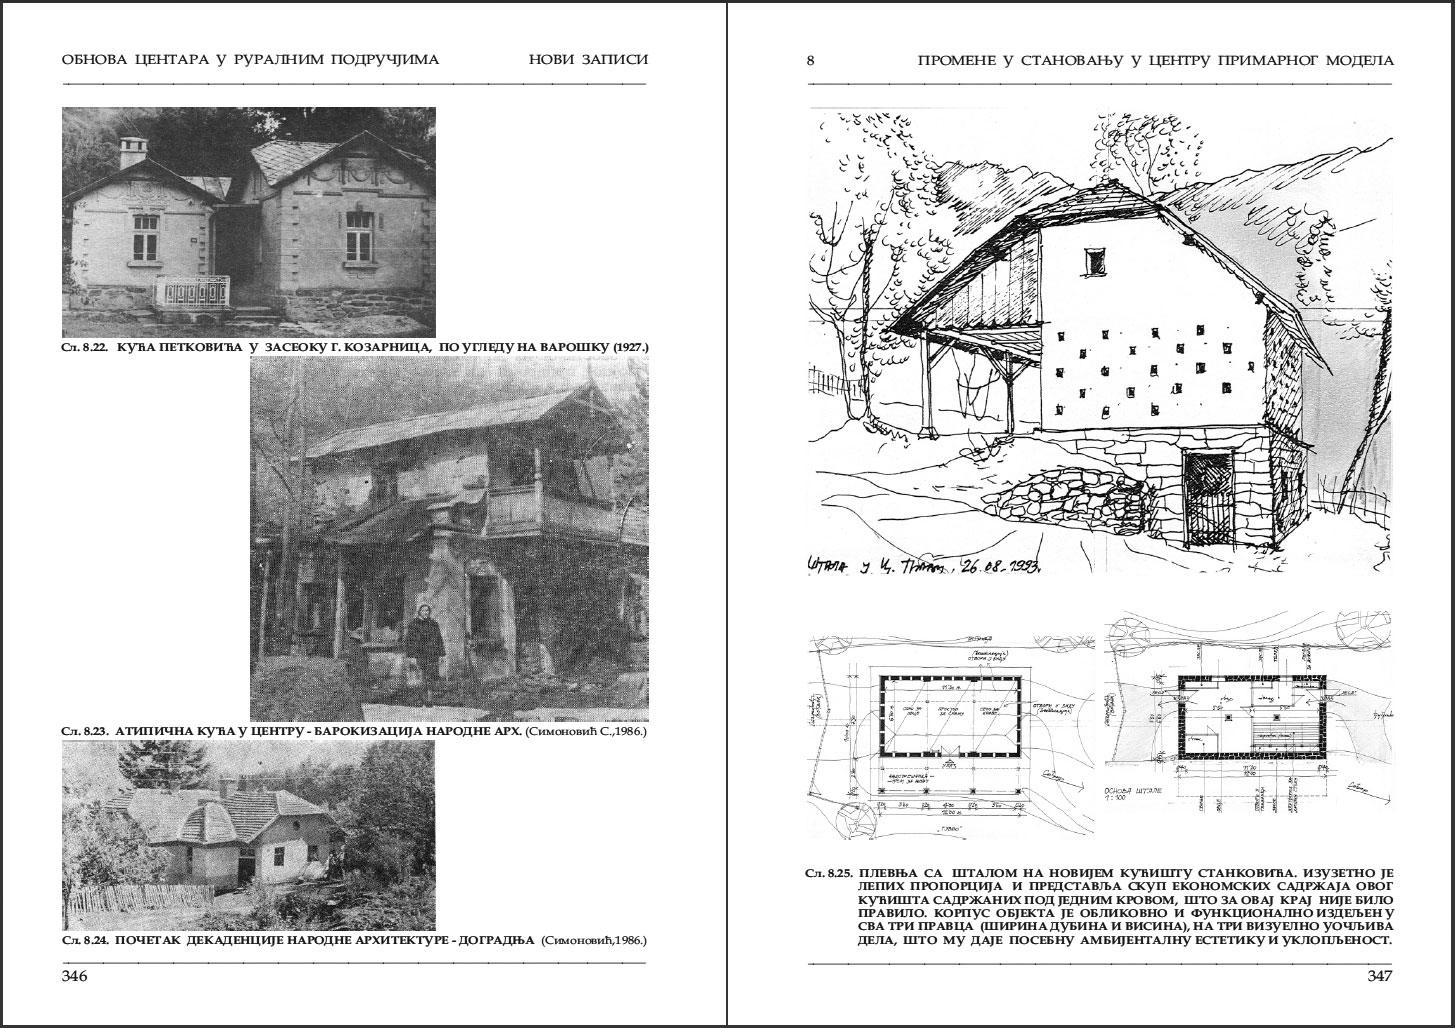 Obnova_centara_u_ruralnim_podrucjima–Novi_zapisi_346-347